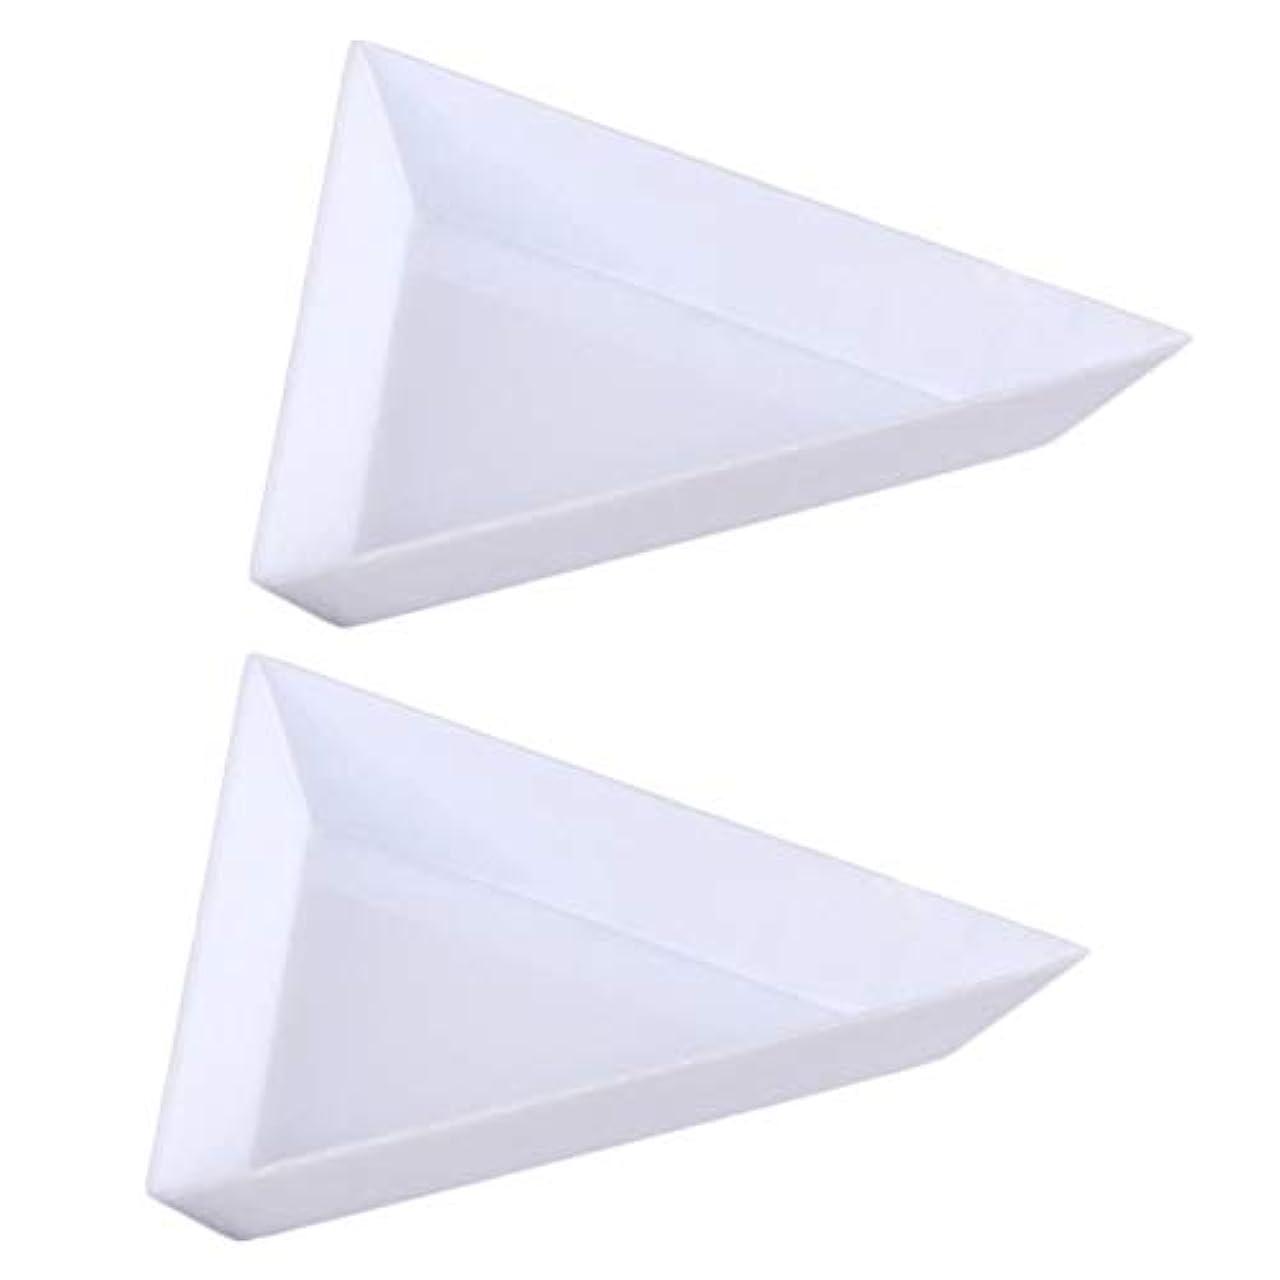 弾薬惑星ミケランジェロACAMPTAR 10個三角コーナープラスチックラインストーンビーズ 結晶 ネイルアートソーティングトレイアクセサリー白 DiyネイルアートデコレーションDotting収納トレイ オーガニゼーションに最適